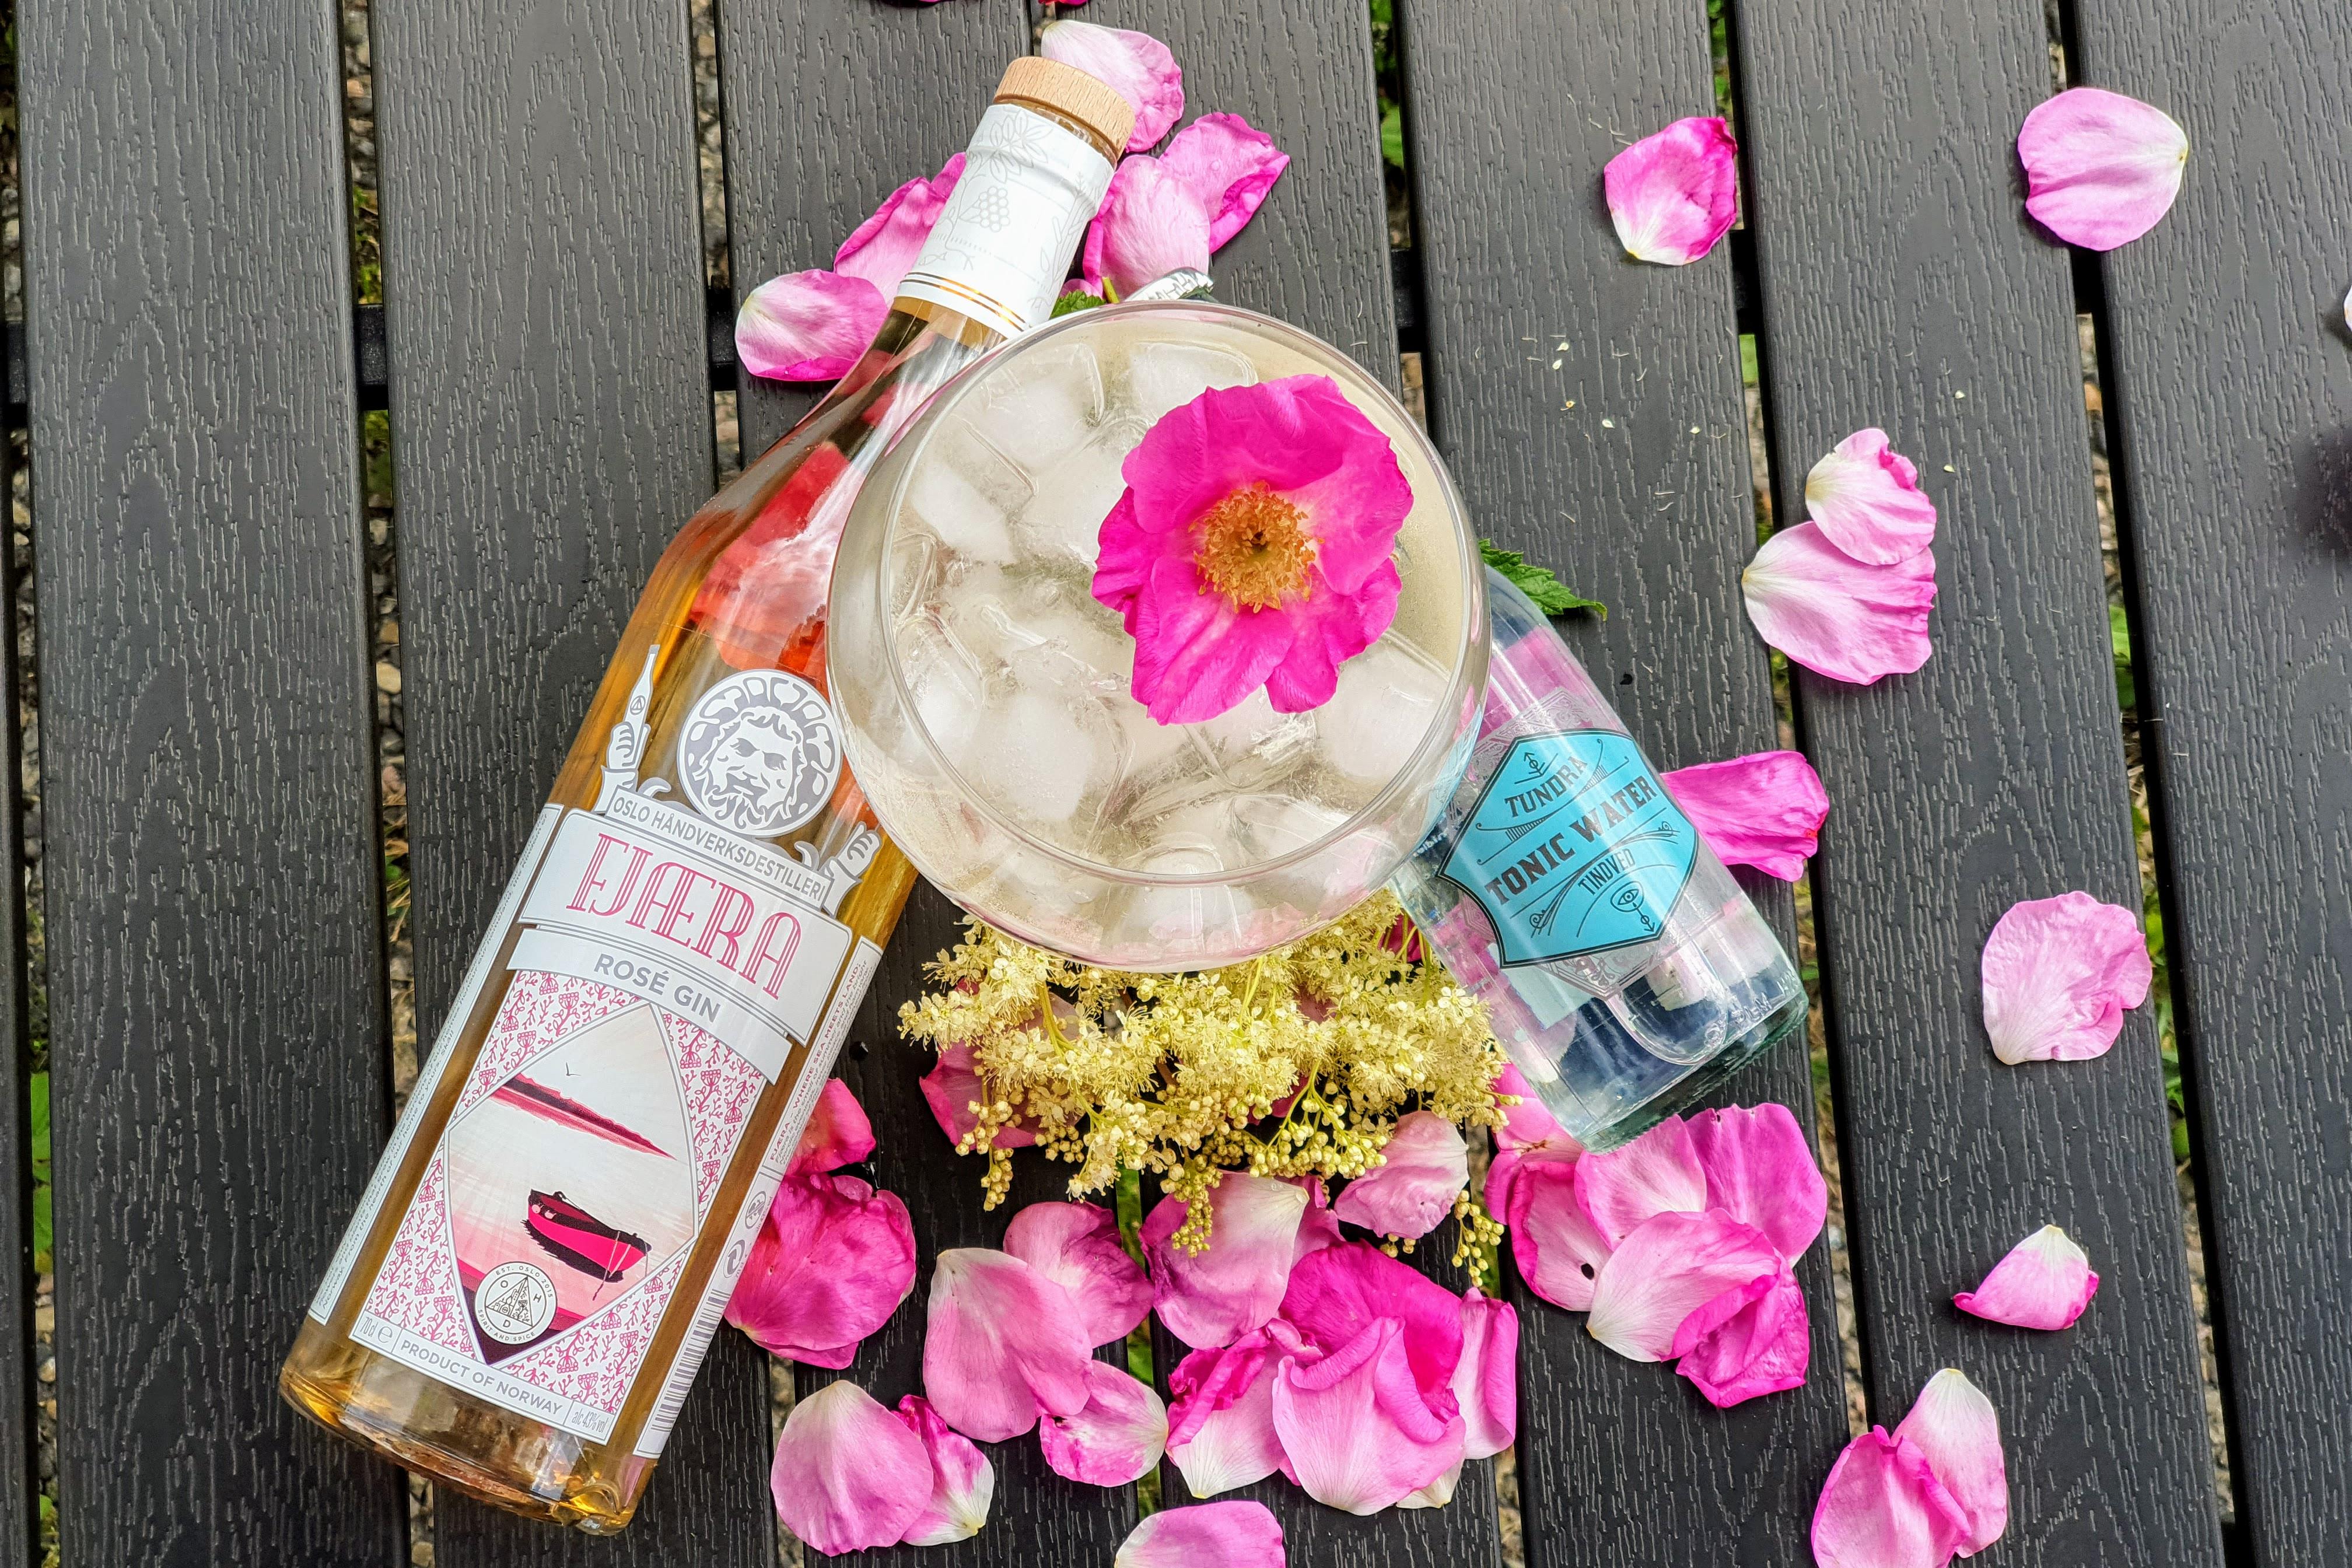 Rynkerose, mjødurt og gin and tonic: Foto: Alt om gin.